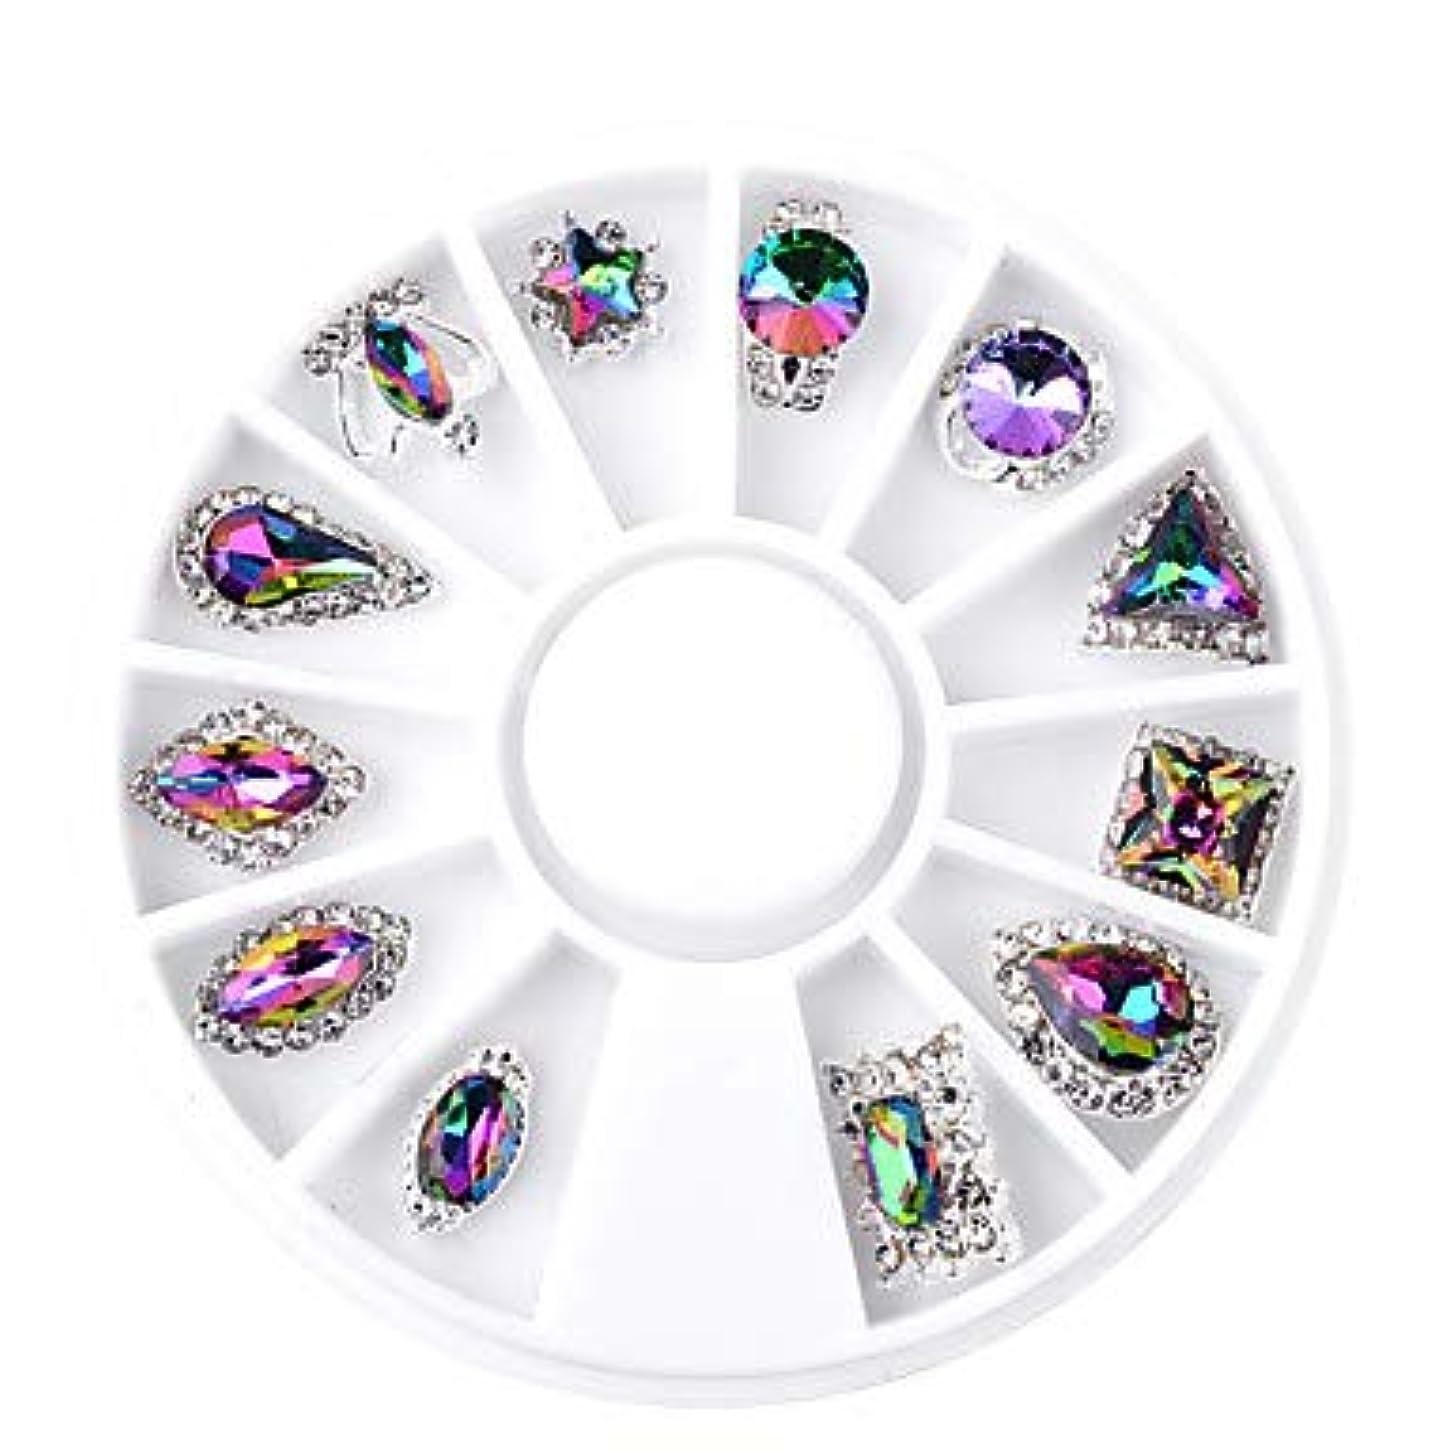 宿命母性平行12個の人工ネイルのヒントネイルジュエリーファッショナブルなデザインネイルアートマニキュアペディキュアデイリースタイリッシュな着用